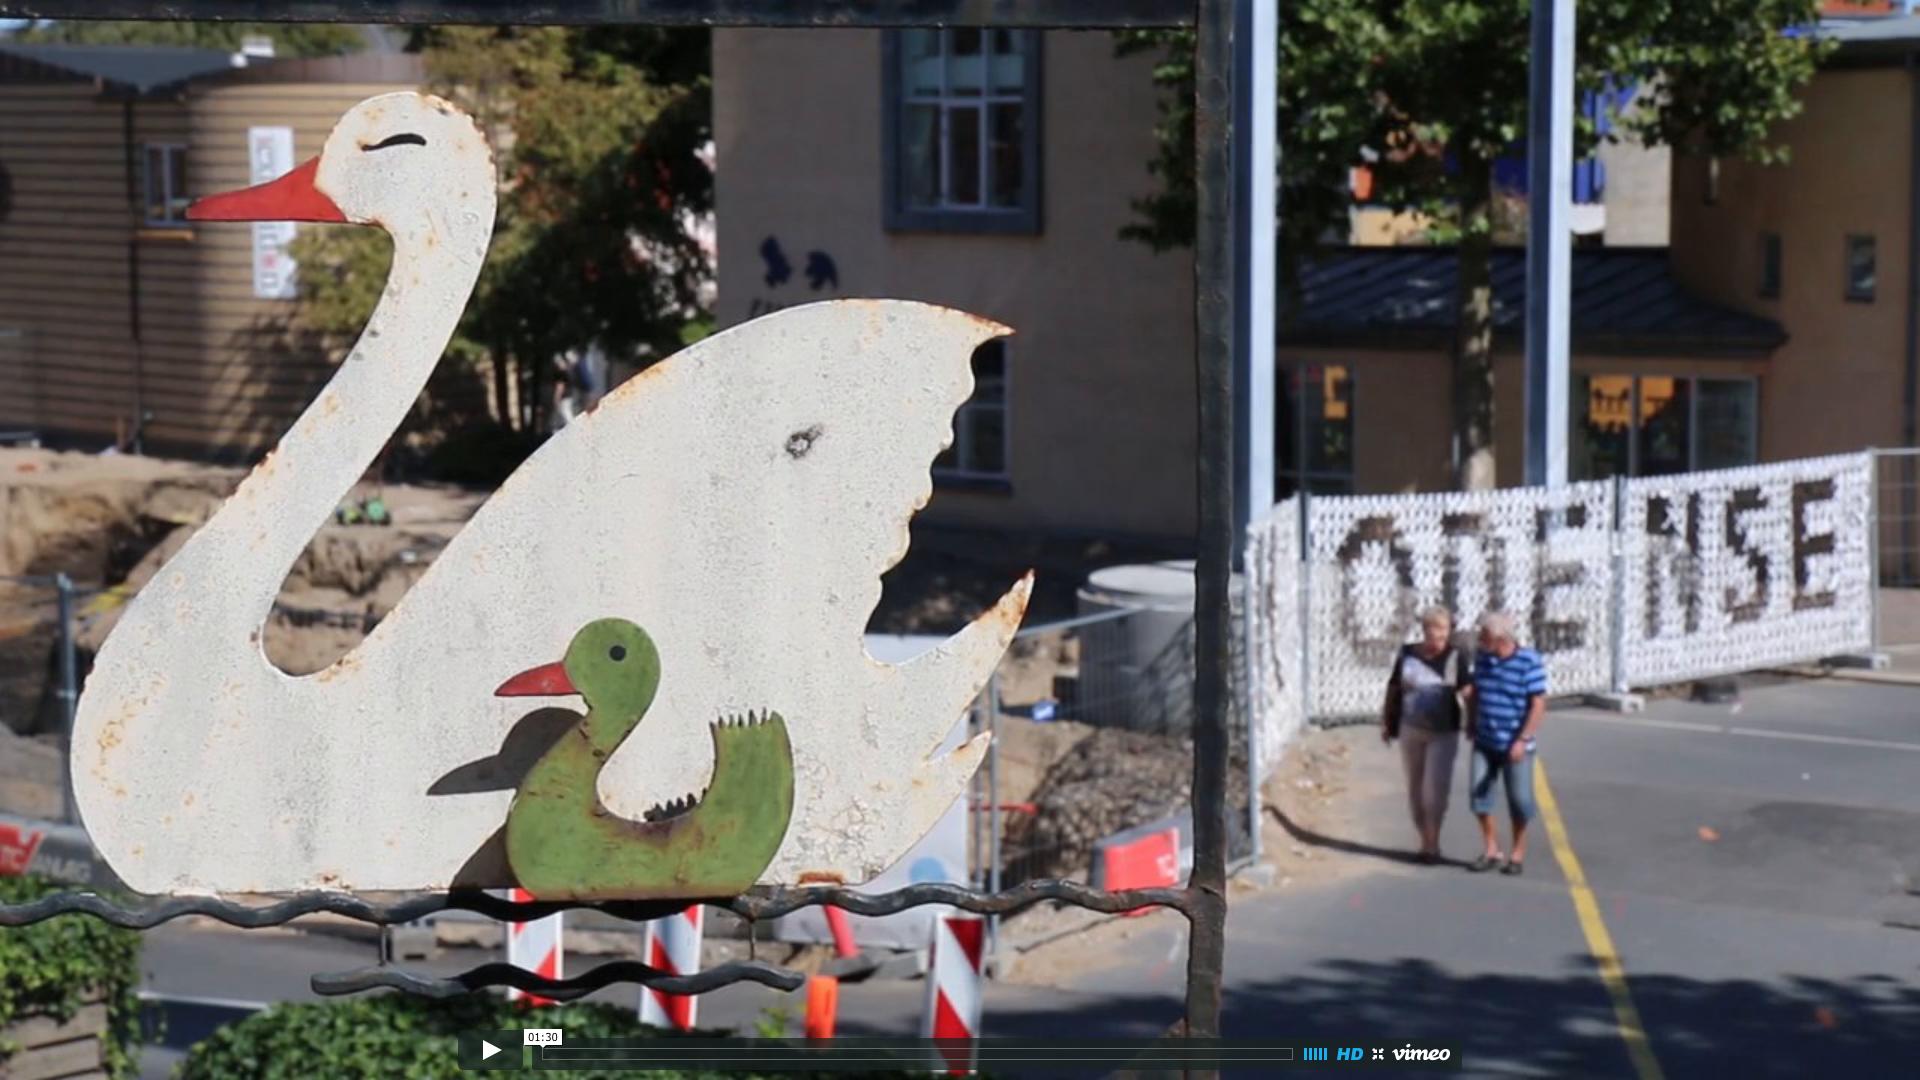 Vinder af byplanprisen 2014 – VIDEO